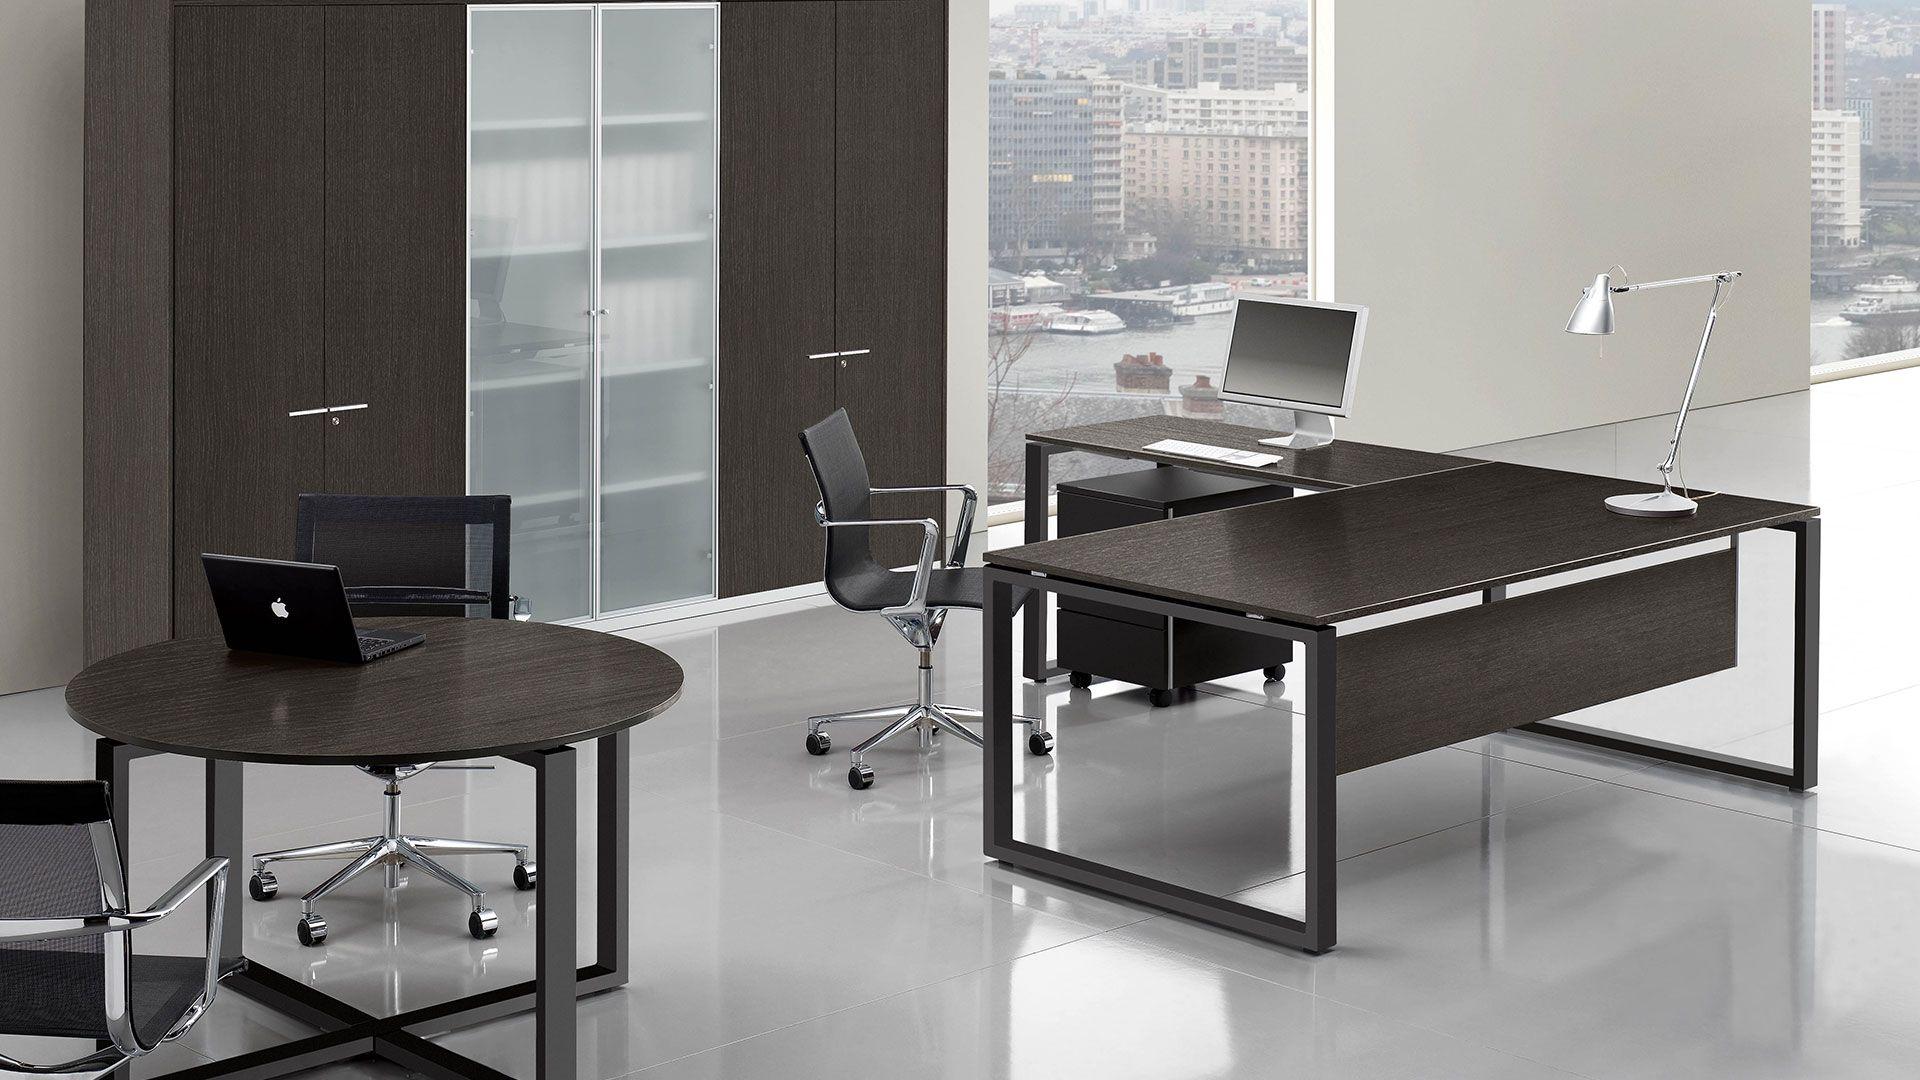 Chefzimmer Chefschreibtisch Chefbuero Schreibtisch 200x100 cm mit ...